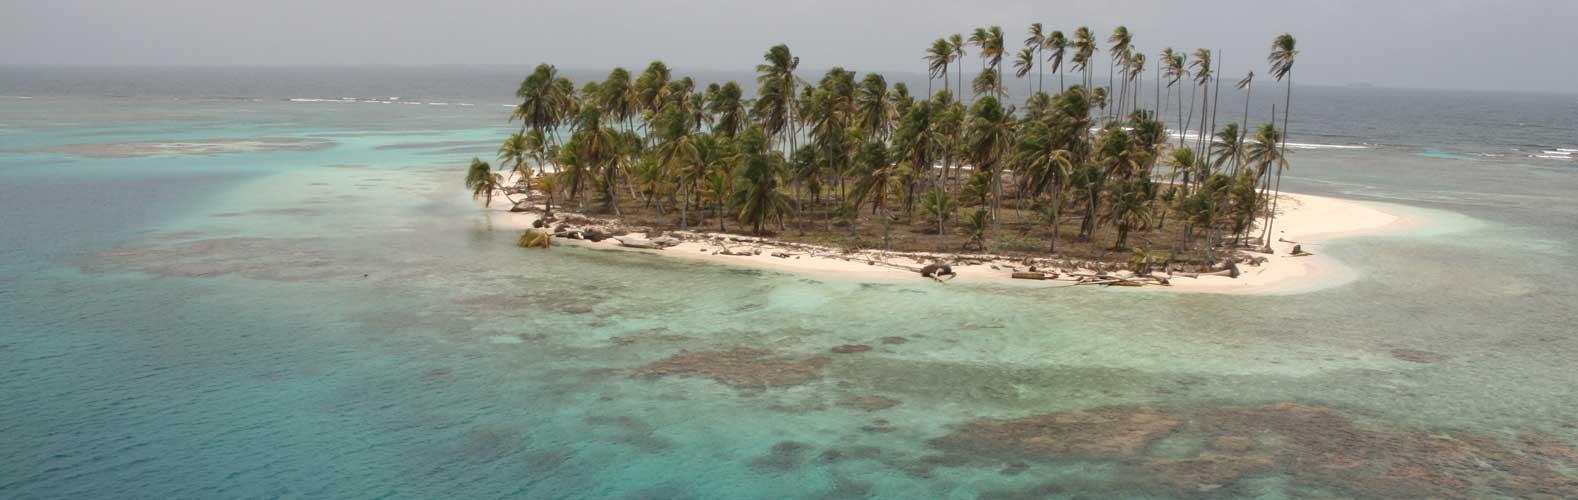 san-blas-island